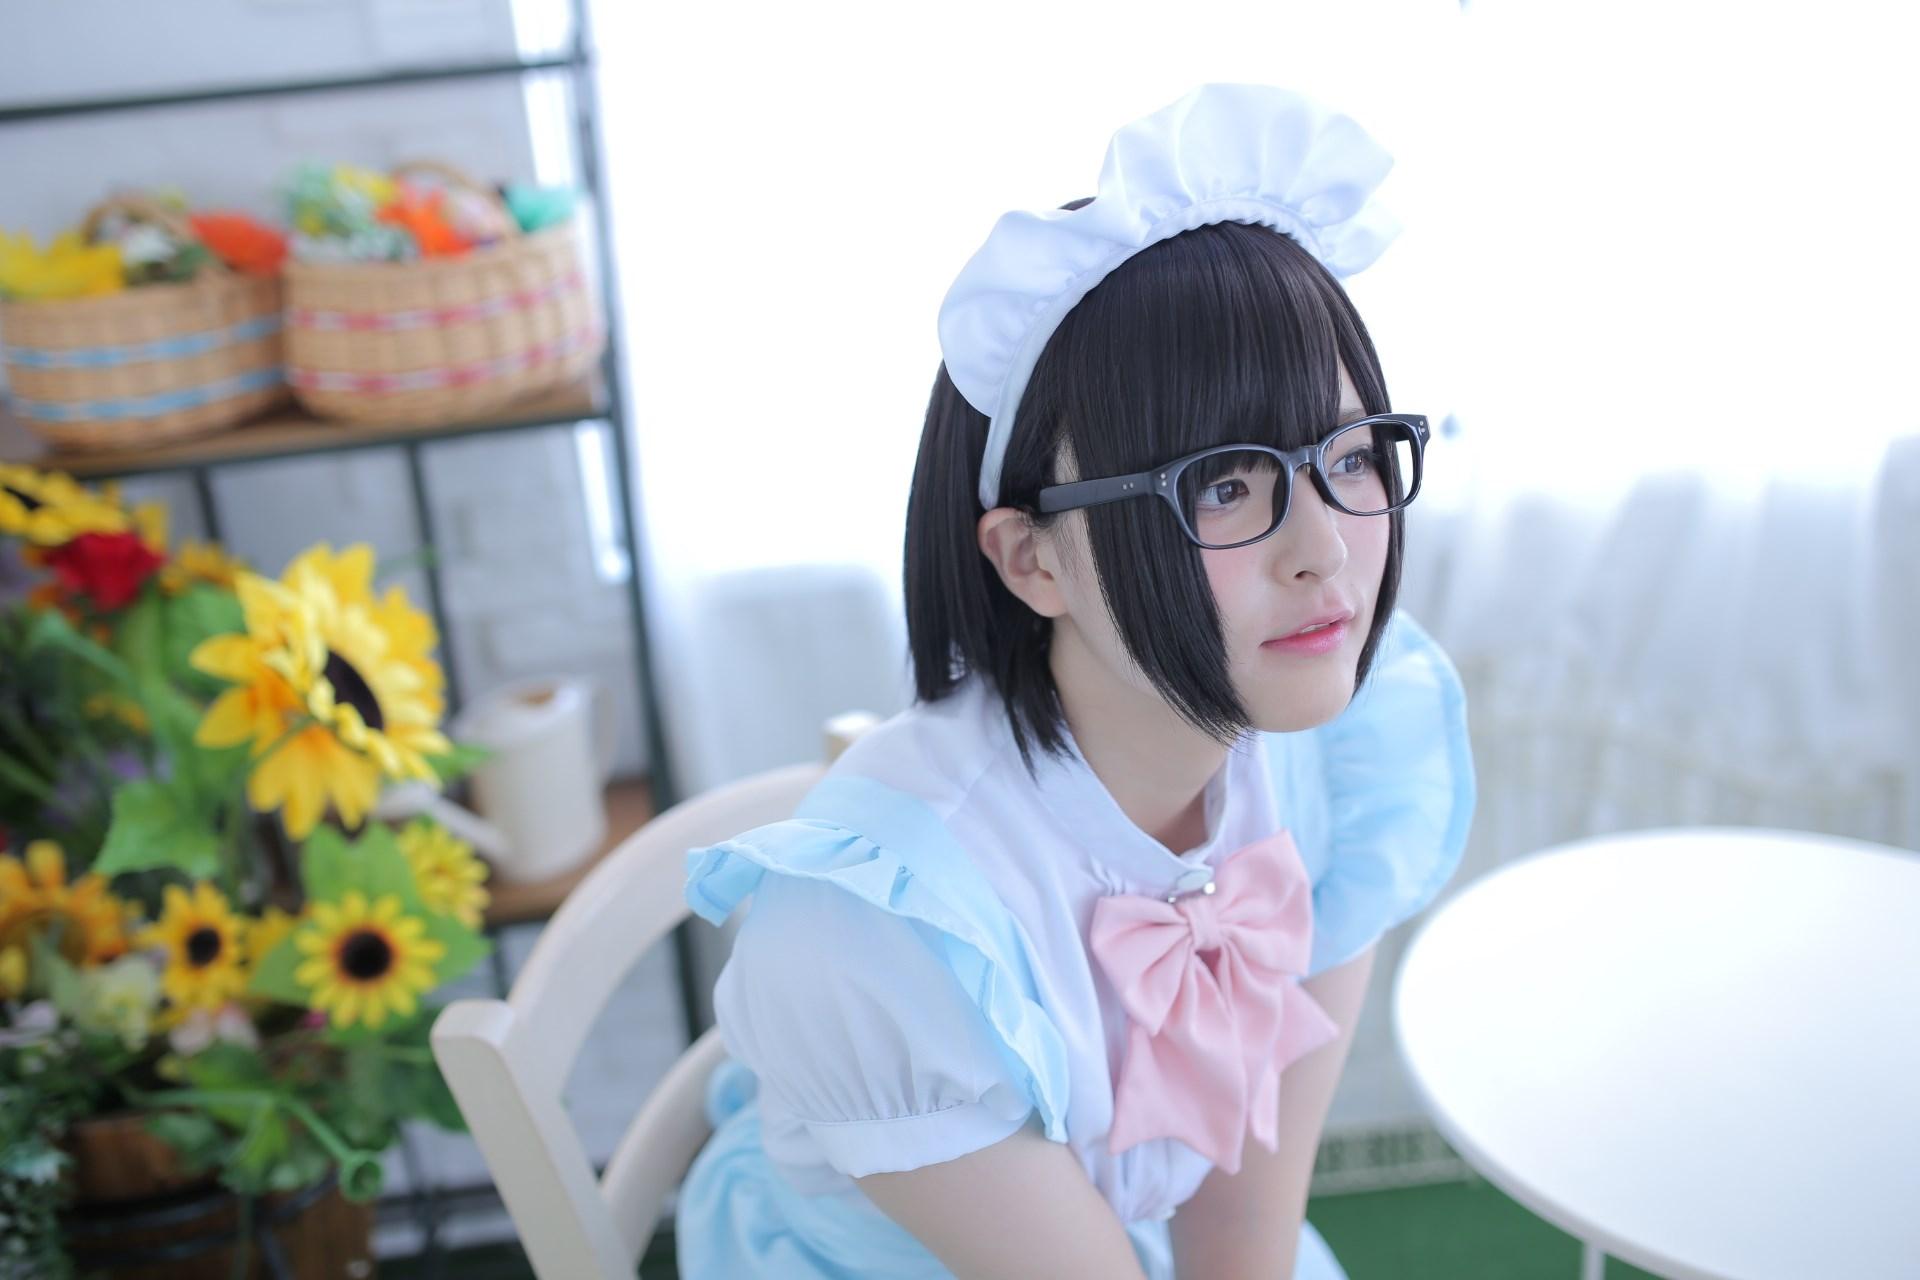 【兔玩映画】眼镜女仆 兔玩映画 第10张